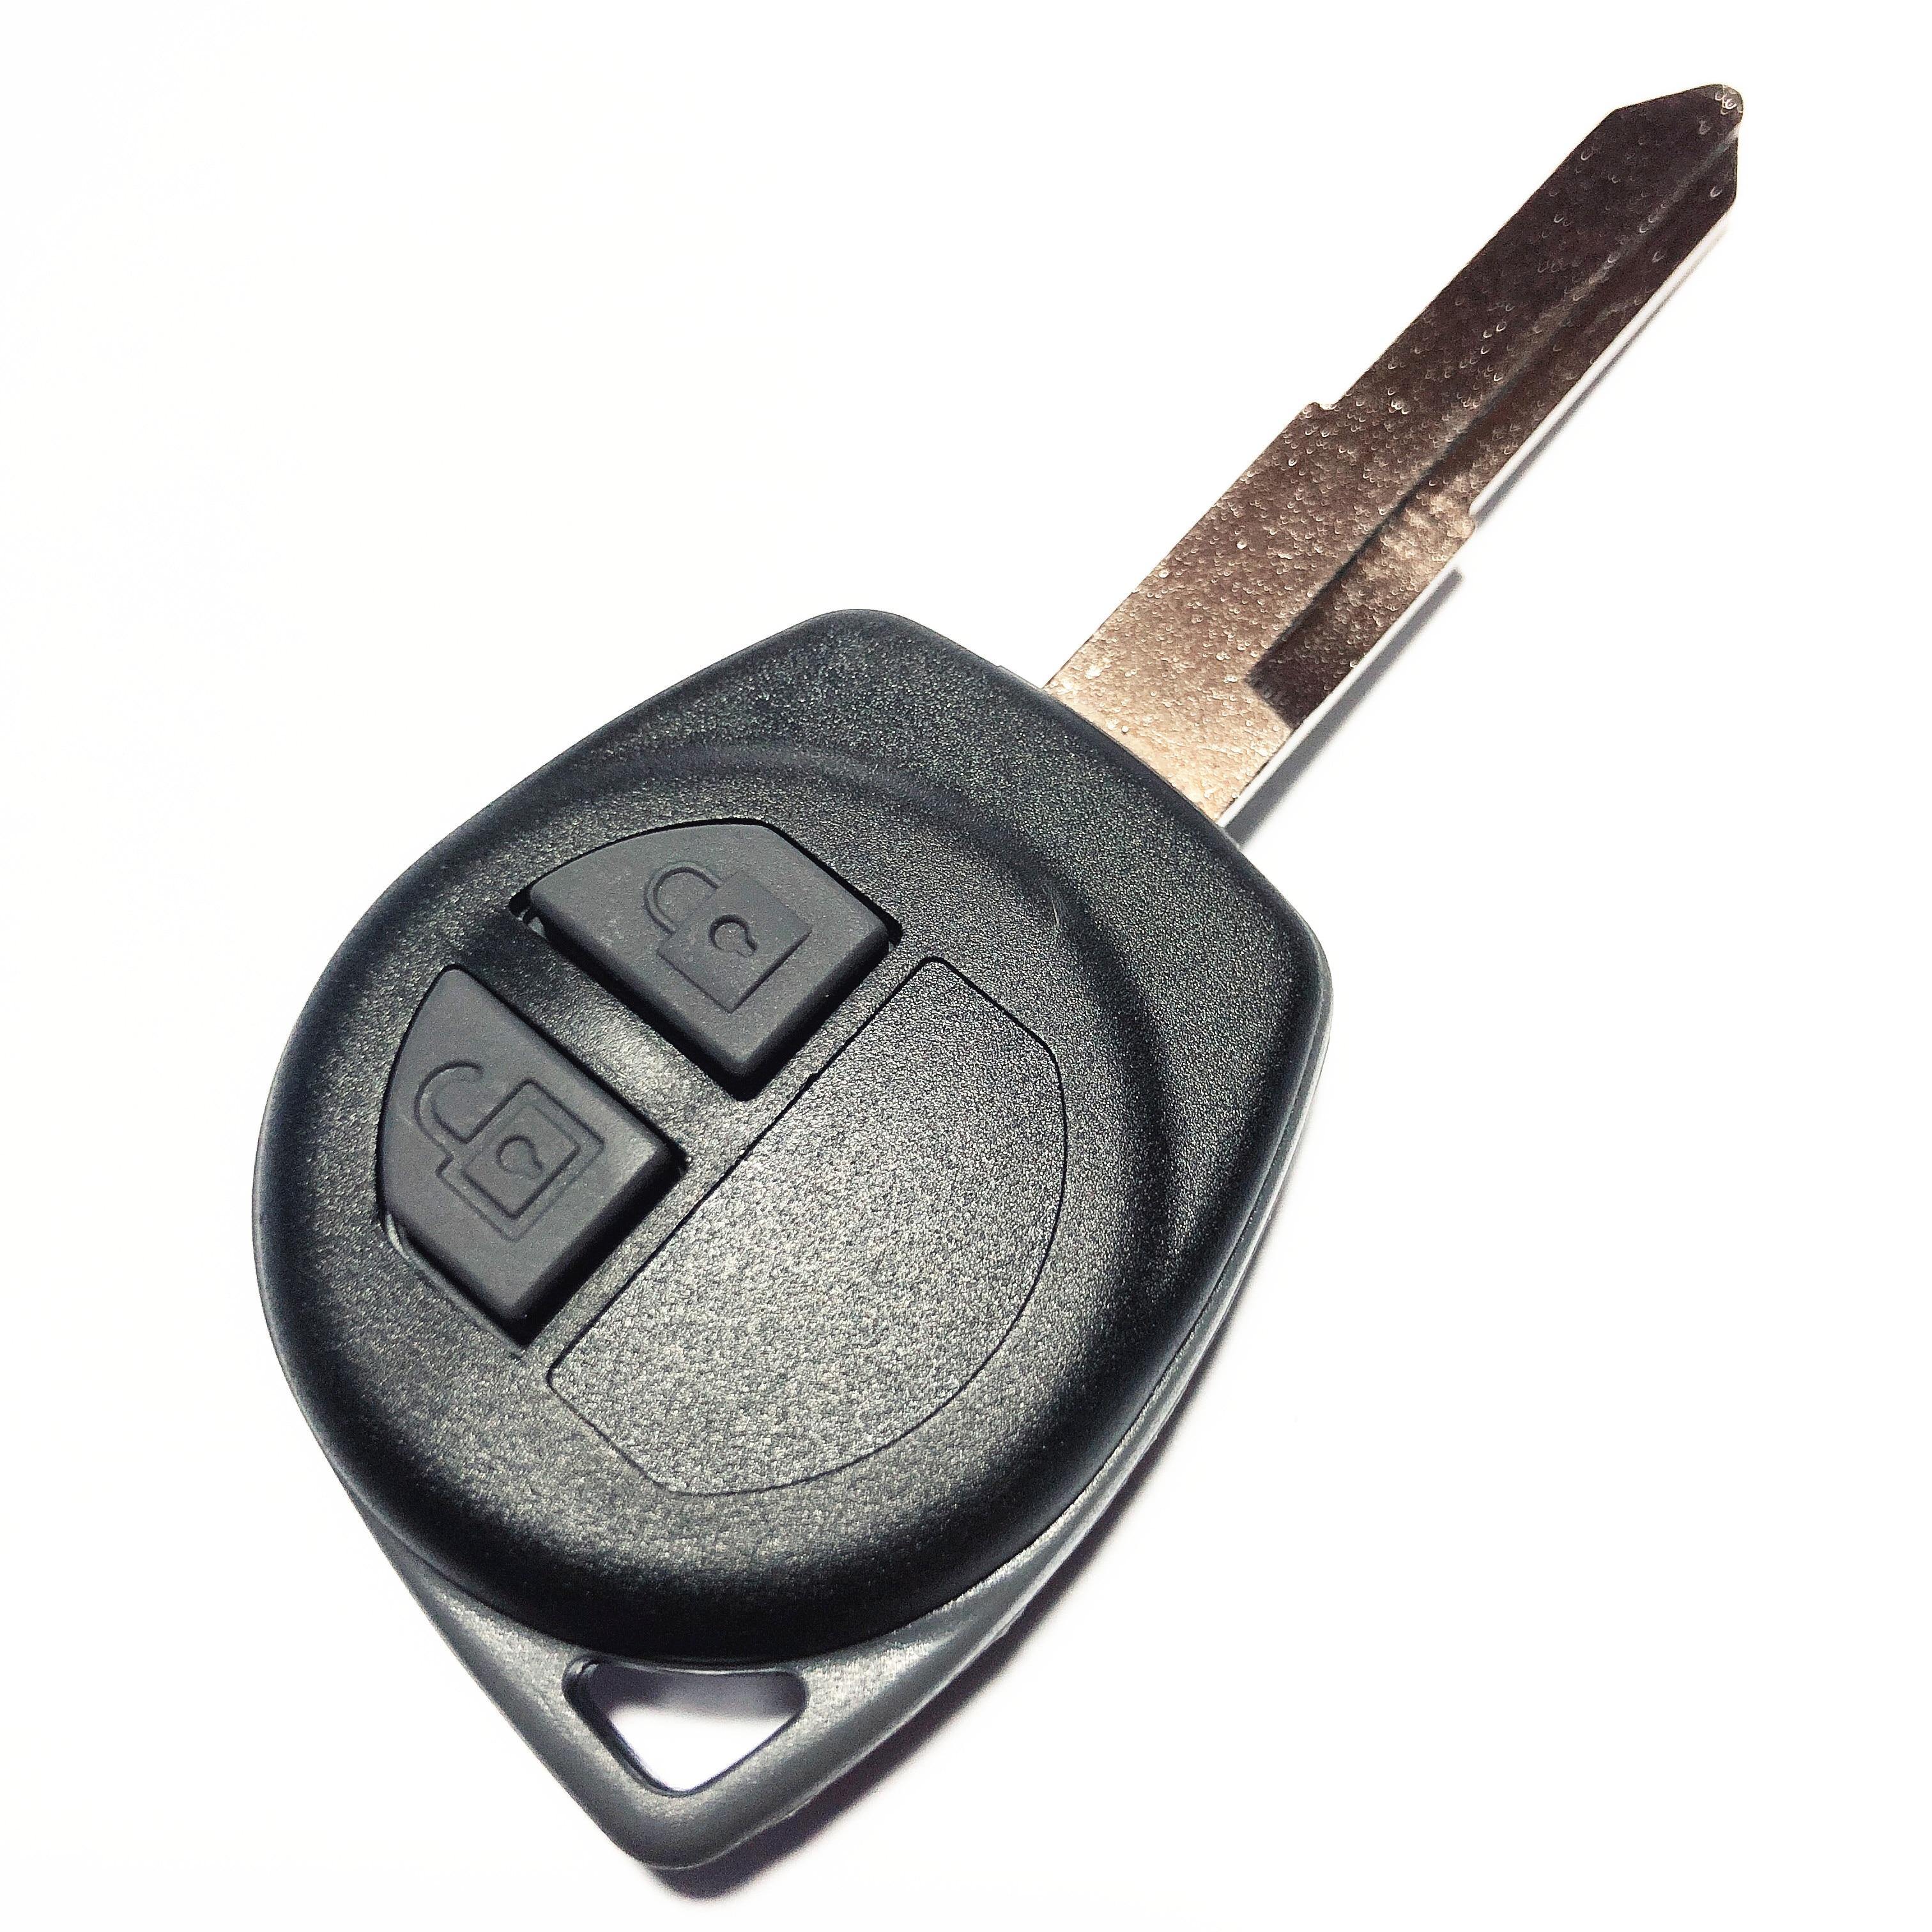 Com o Botão de Borracha Pad Substituição Caso Remoto para SUZUKI Vitara Swift Ignis SX4 Liana Grand Vitara Alto 2 Chave Botão shell